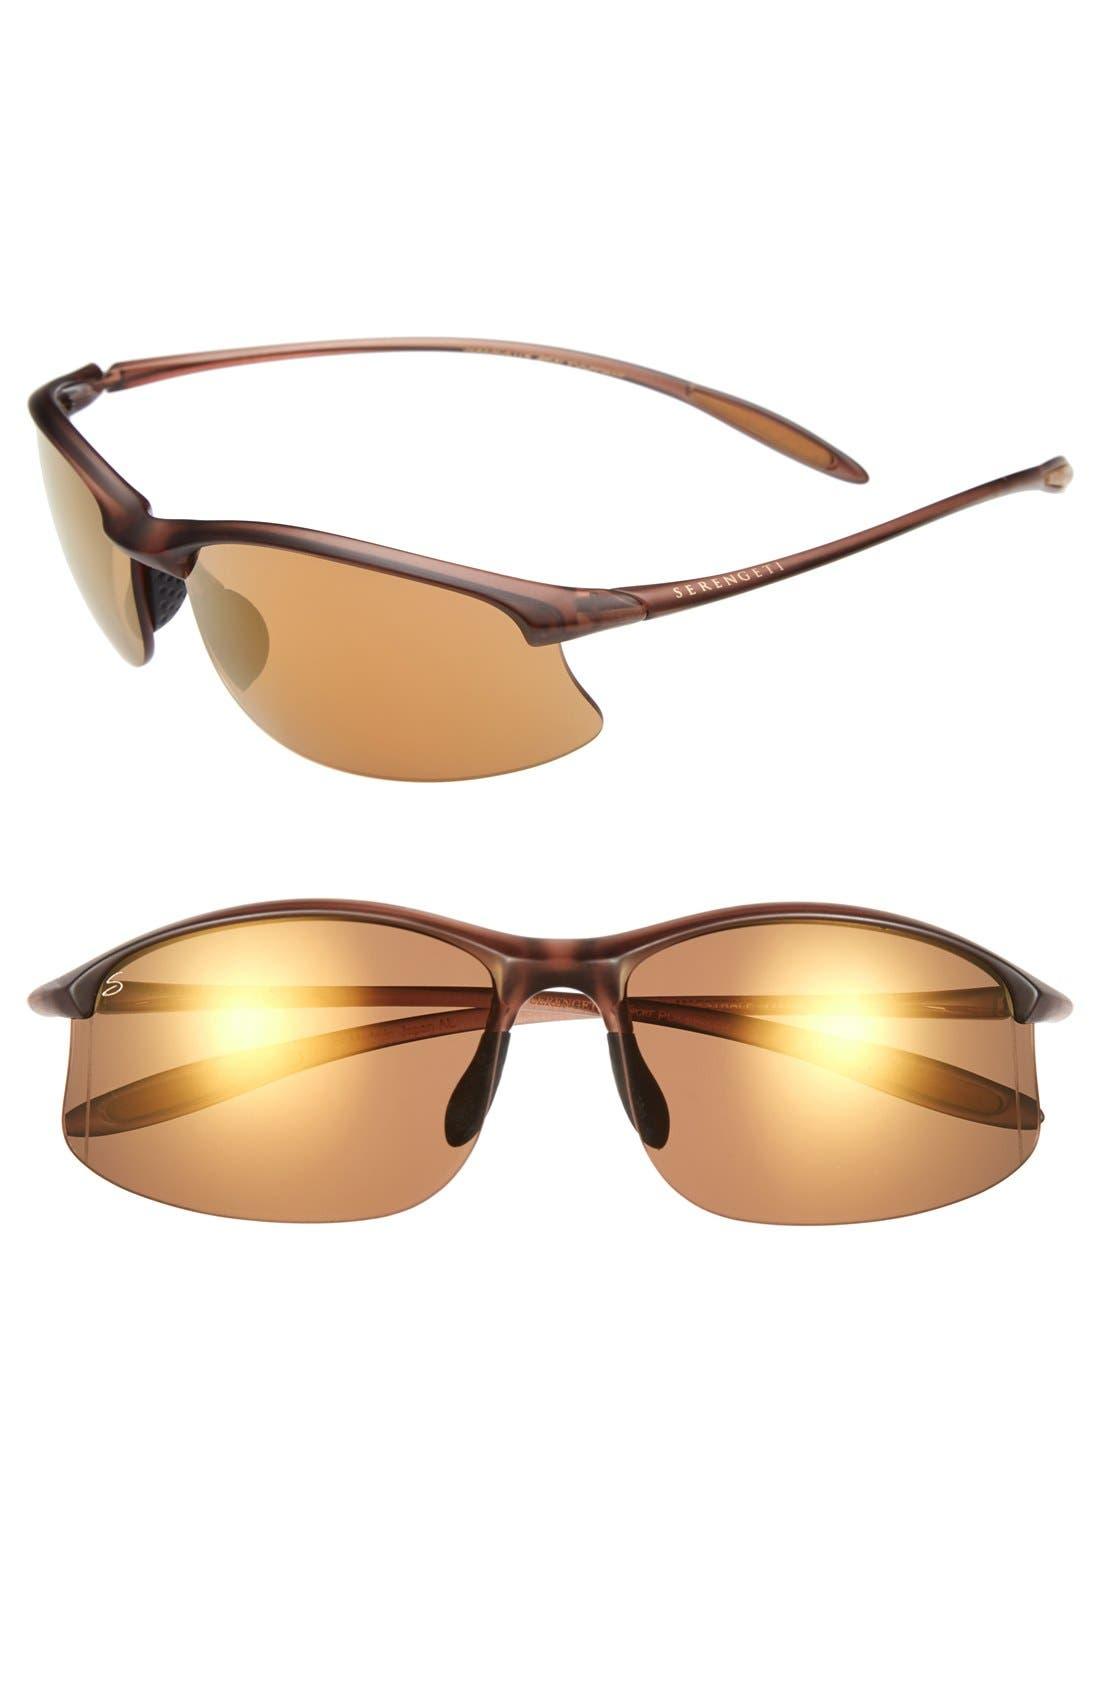 Main Image - Serengeti 'Maestrale' 65mm Polarized Sunglasses